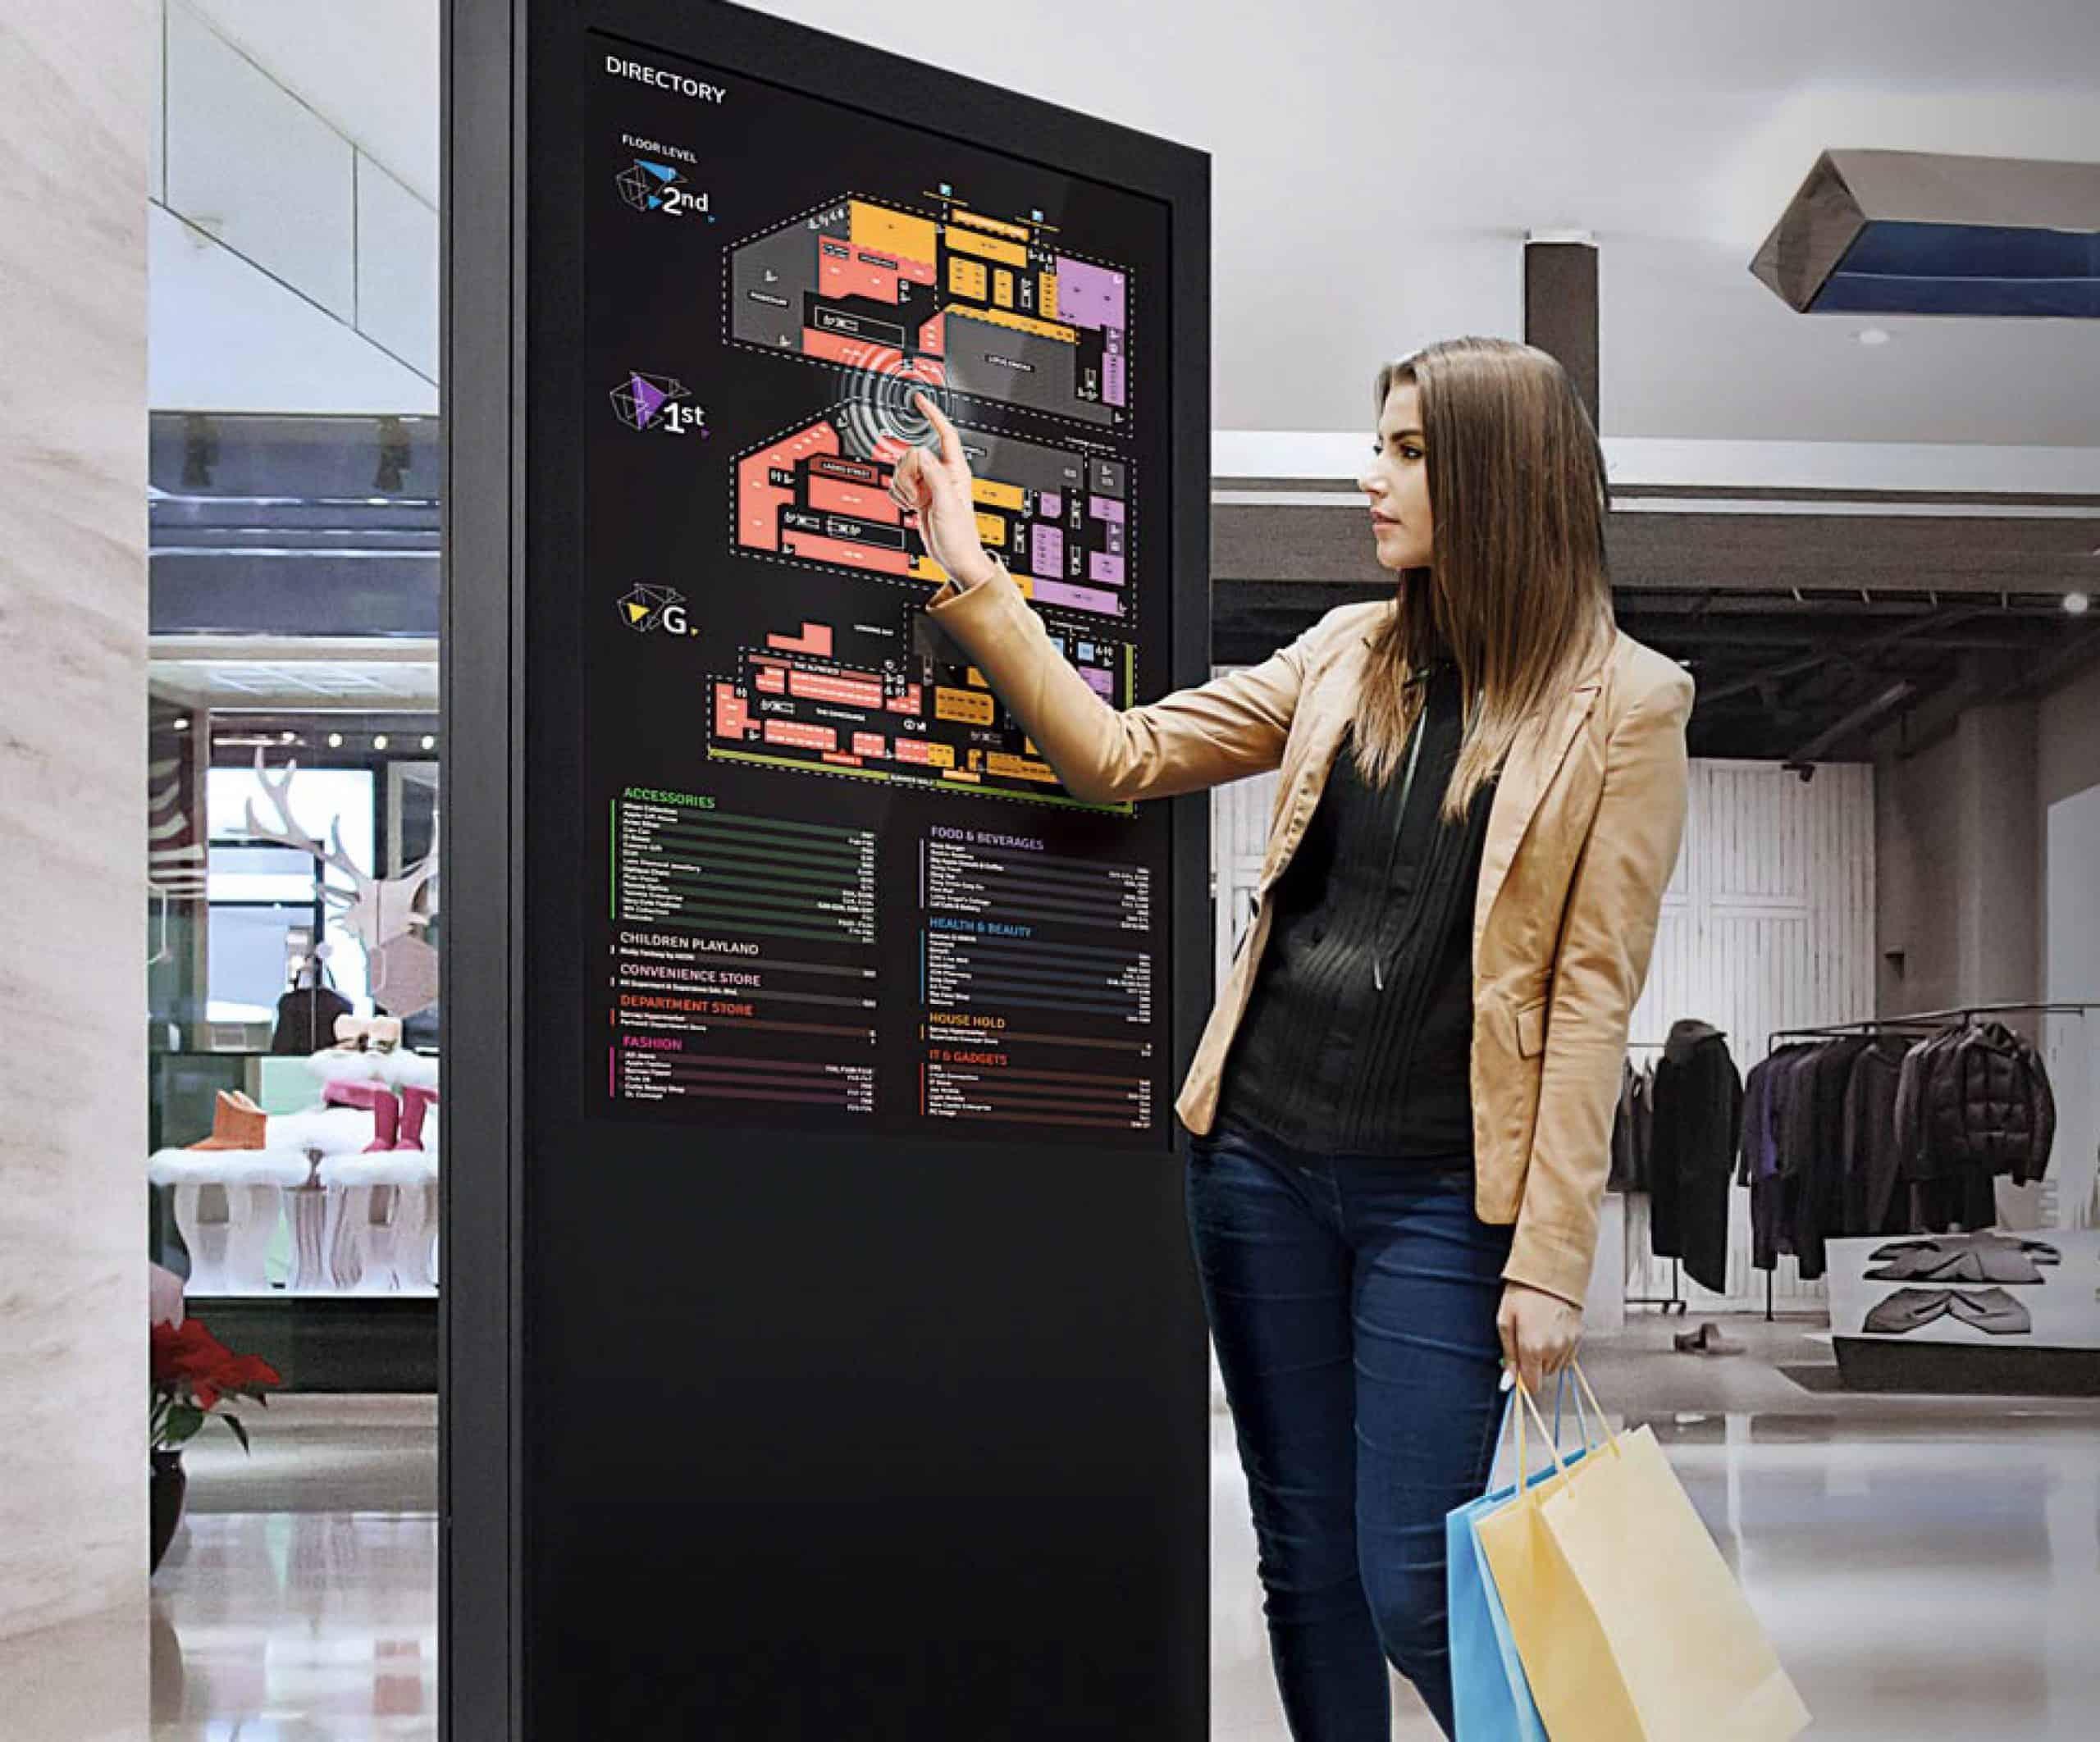 Self Service Touchscreen kiosks